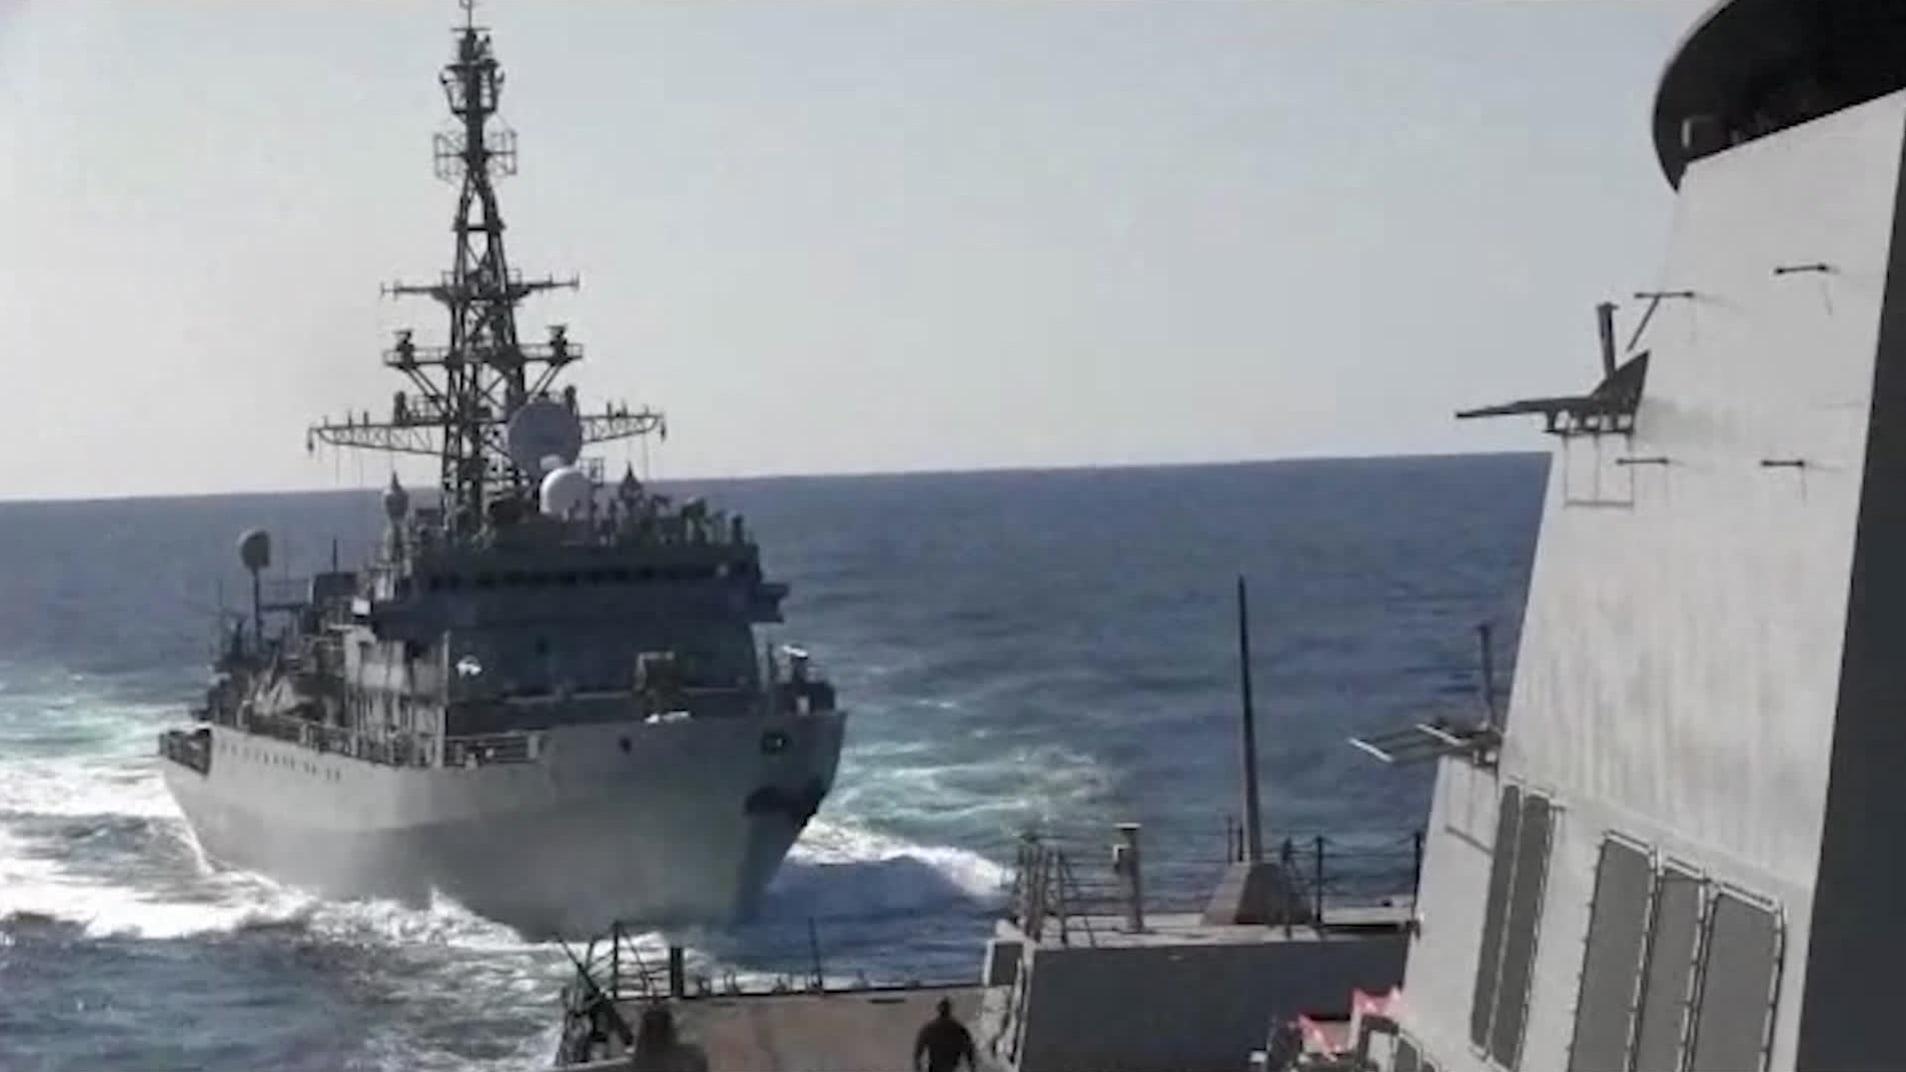 سفينة حربية روسية تتجاهل التحذيرات وتكاد تصدم مدمرة أمريكية